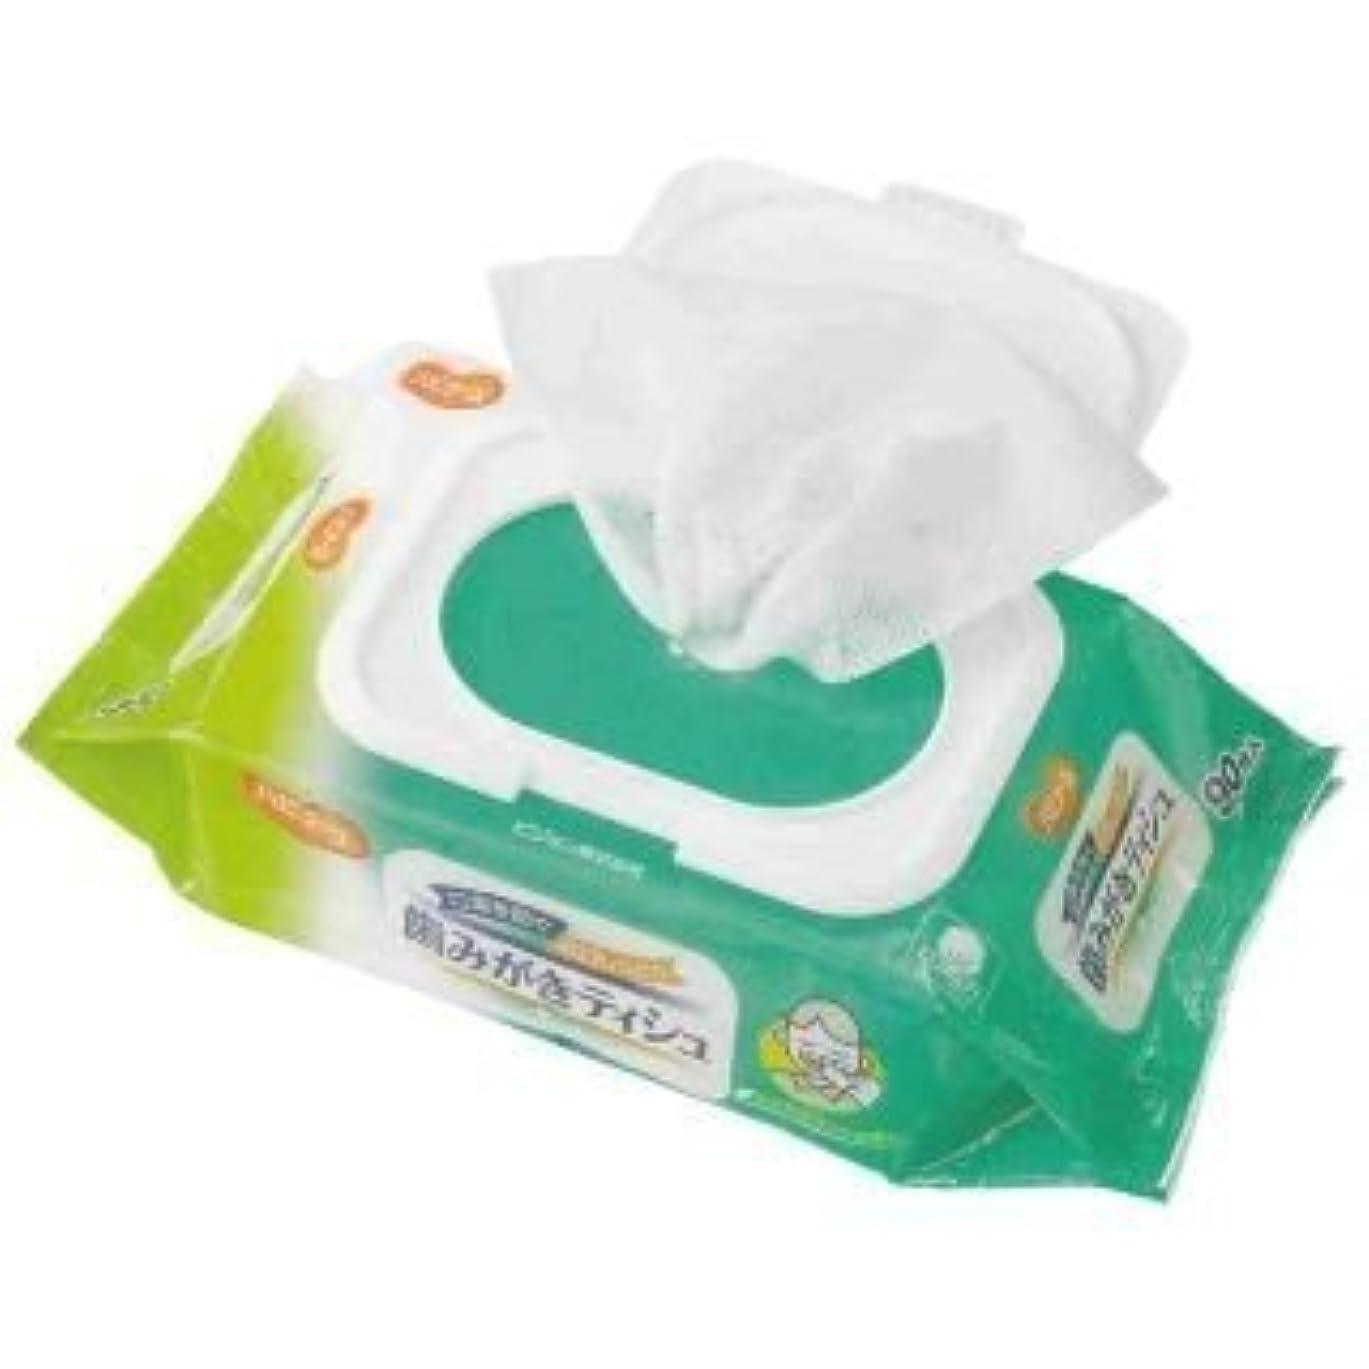 こしょう一般的に帰する口臭を防ぐ&お口しっとり!ふきとりやすいコットンメッシュシート!お口が乾燥して、お口の臭いが気になるときに!歯みがきティシュ 90枚入【3個セット】